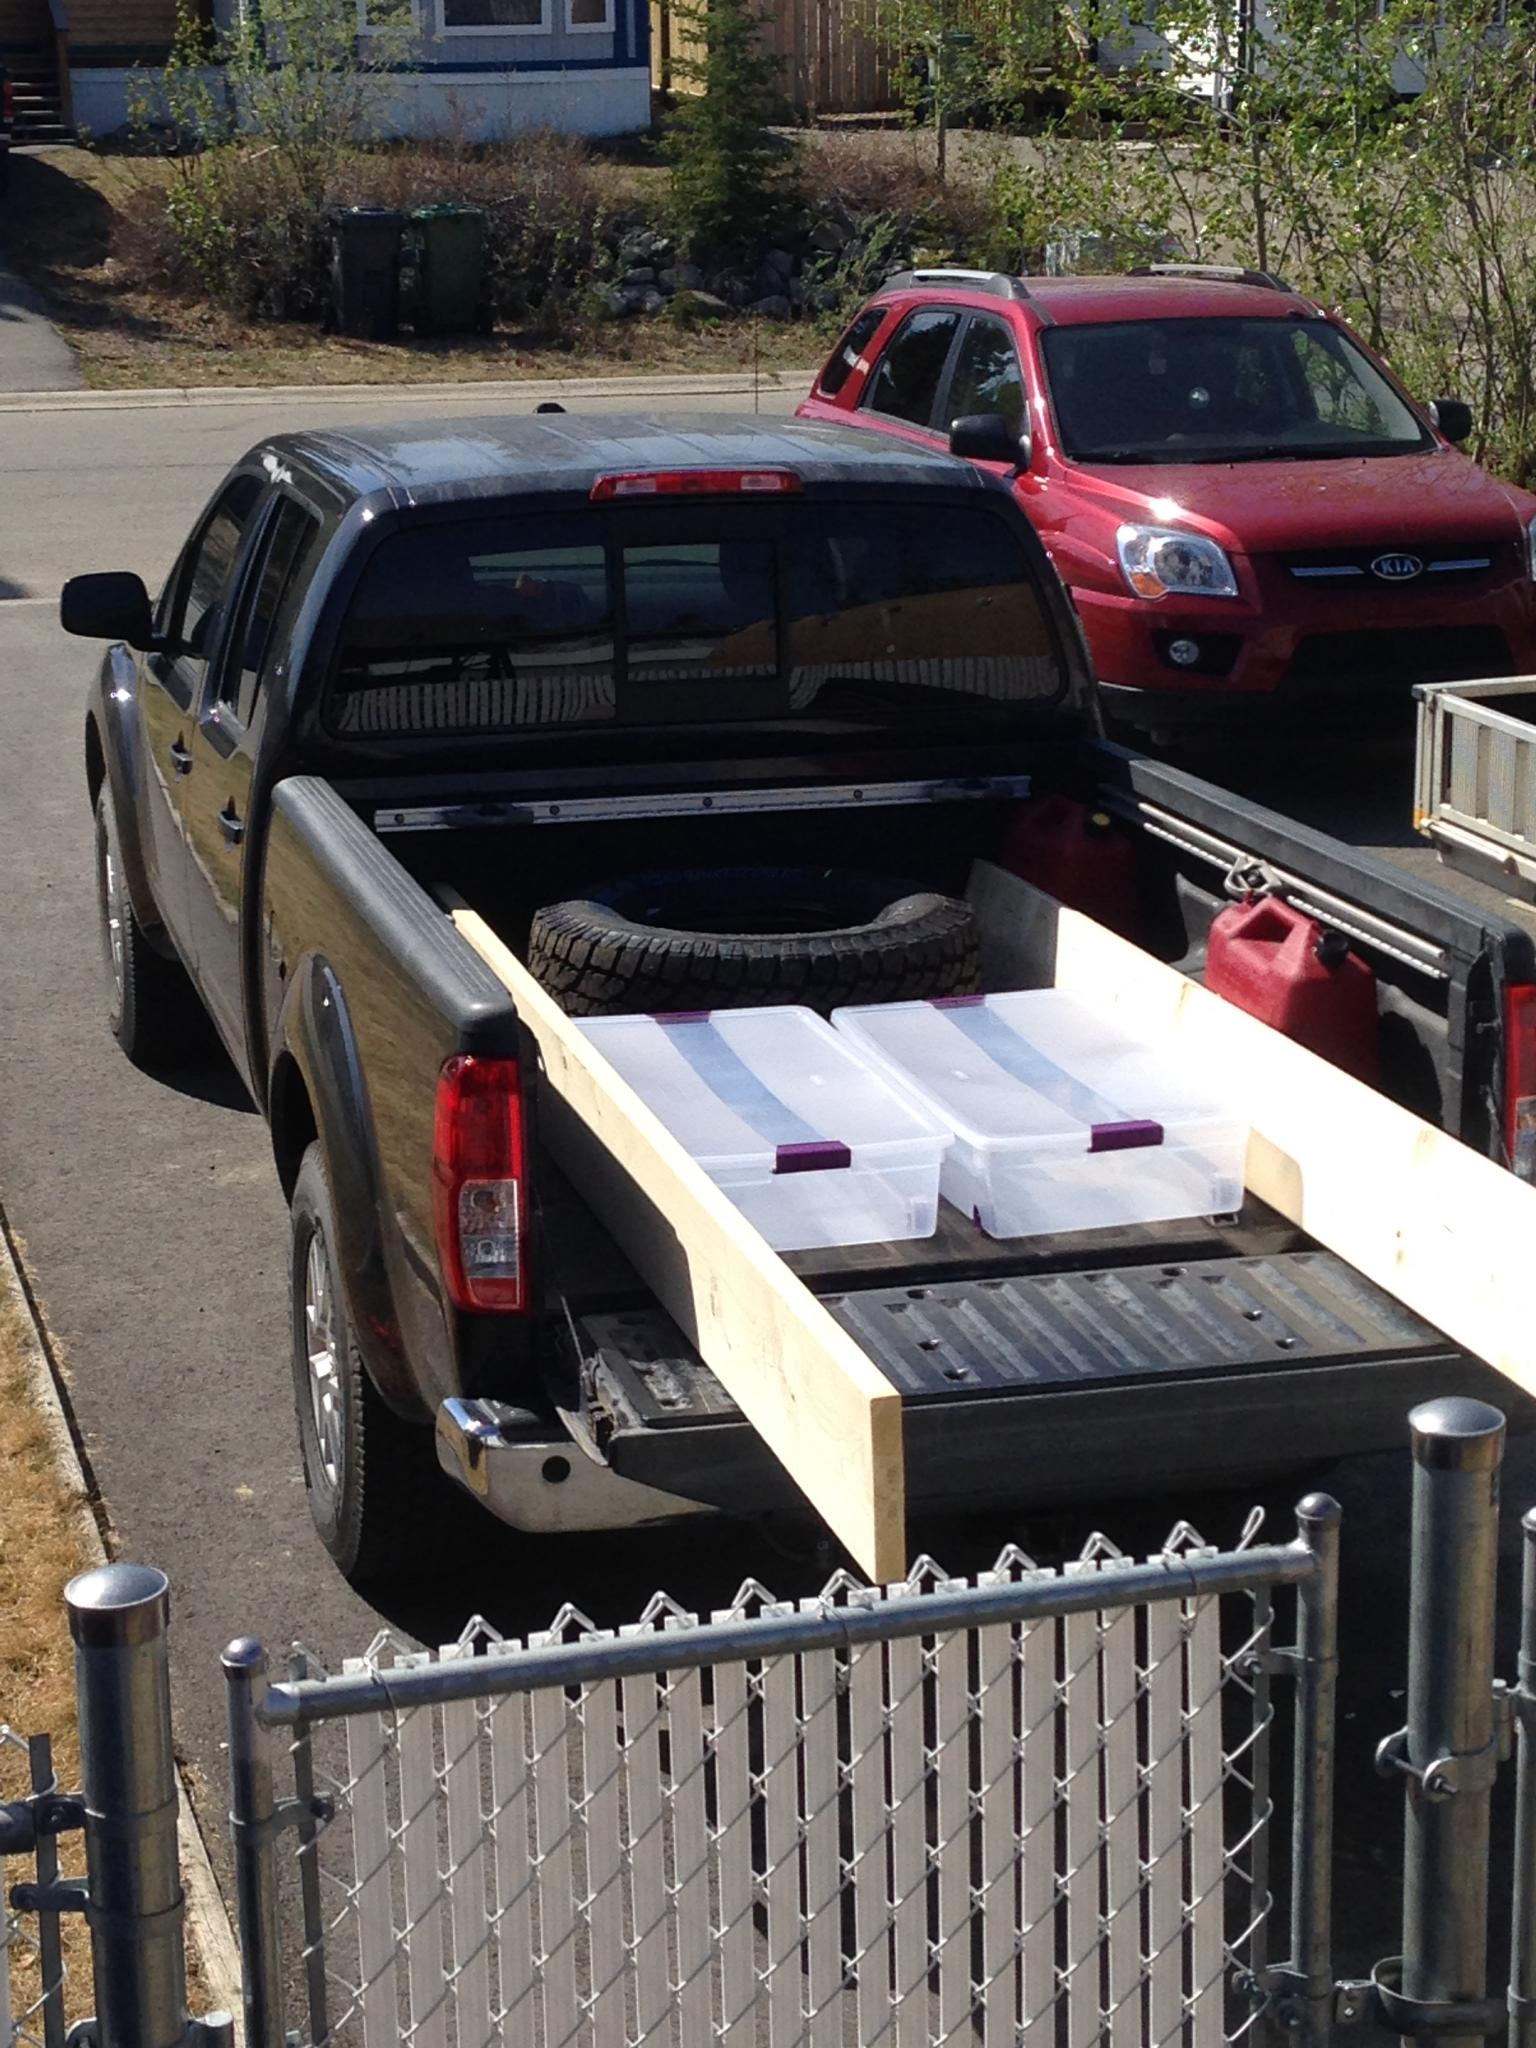 Truck bed storage ideas nissan frontier forum - Truck bed storage ideas ...